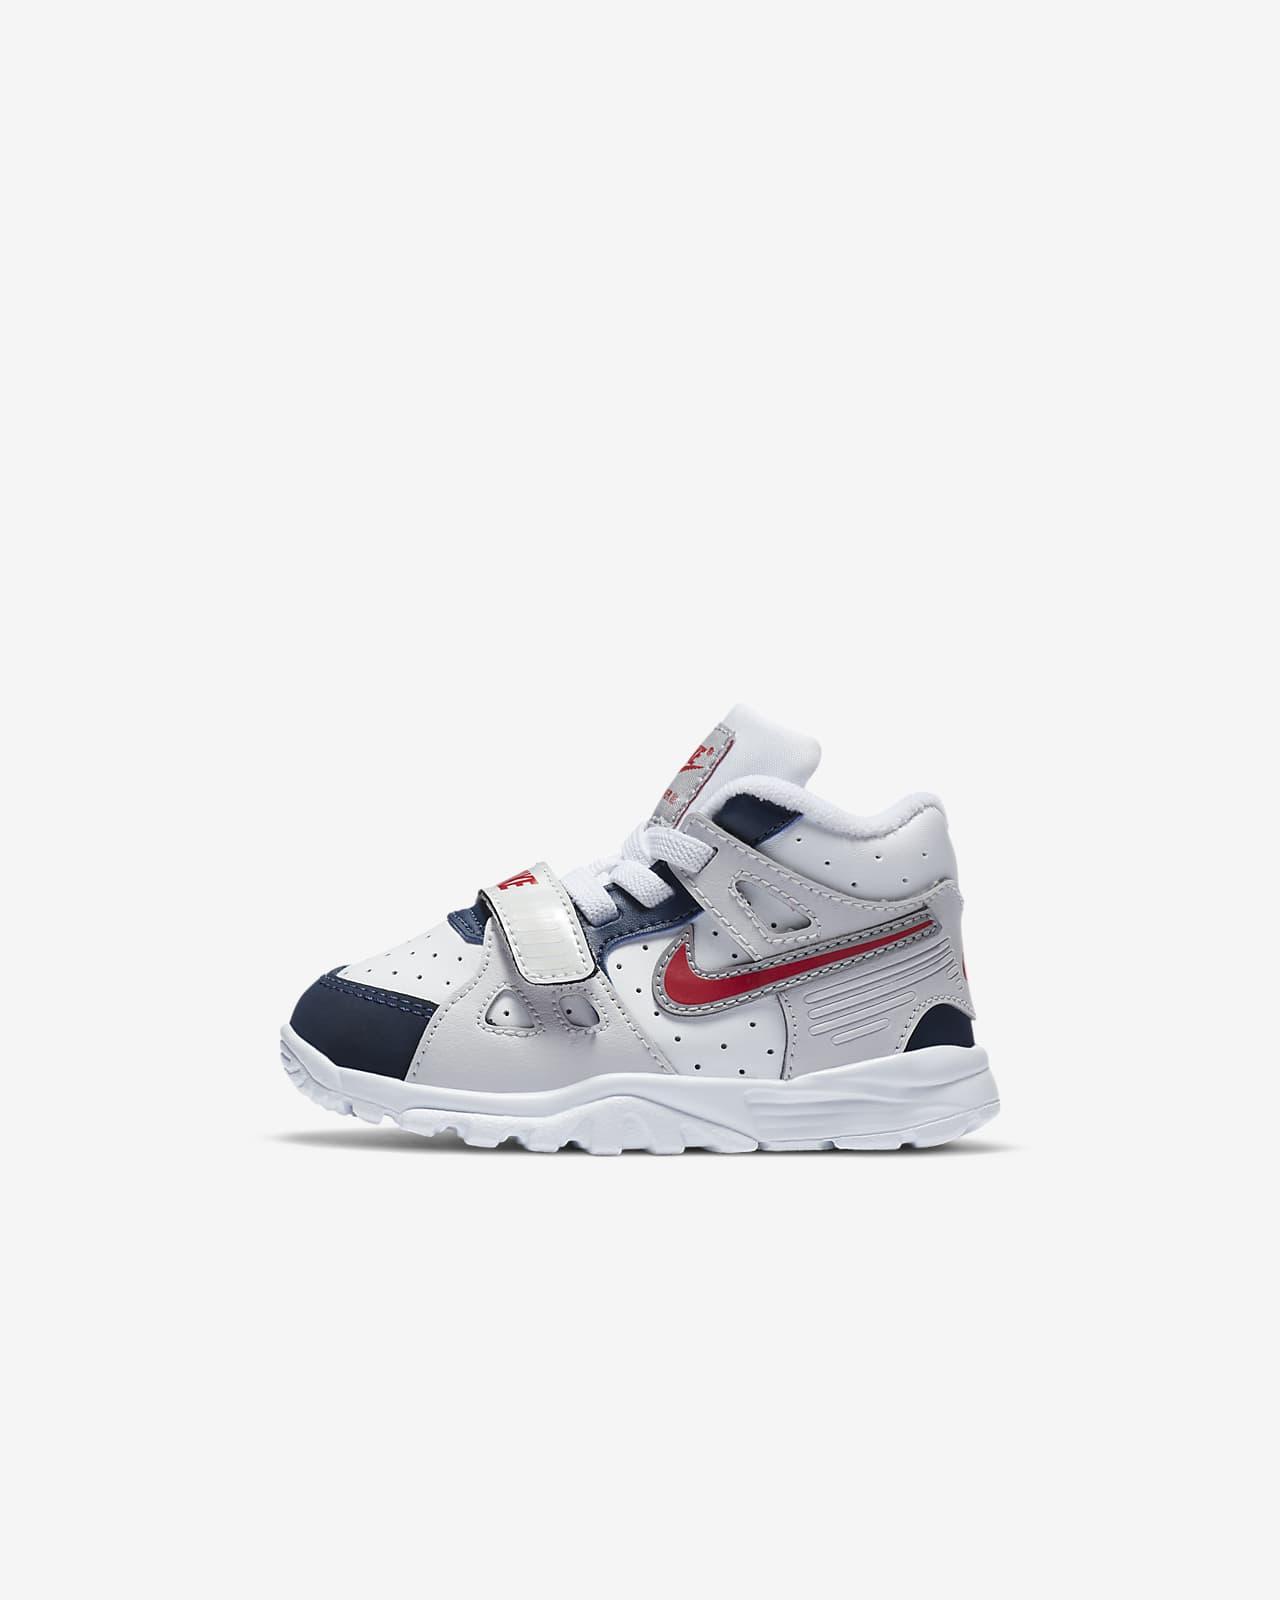 des chaussures pour garçon nike